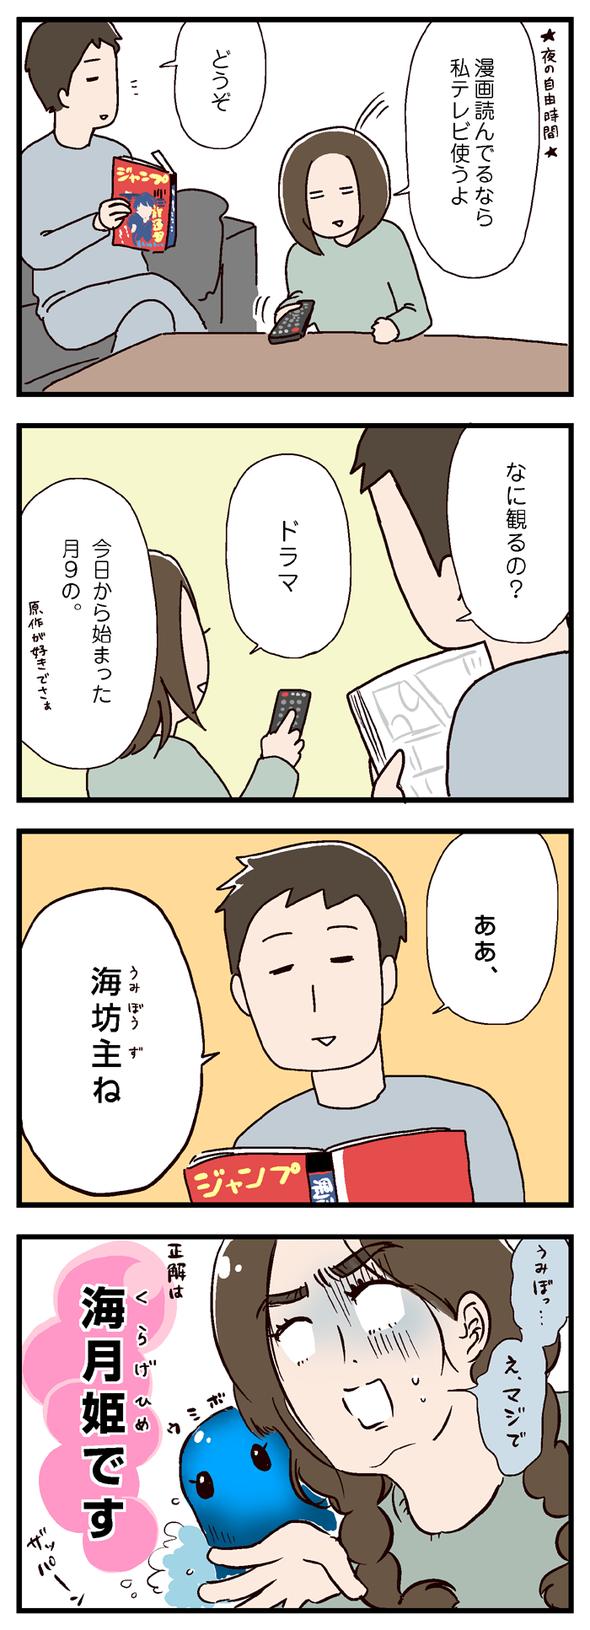 icchomae485